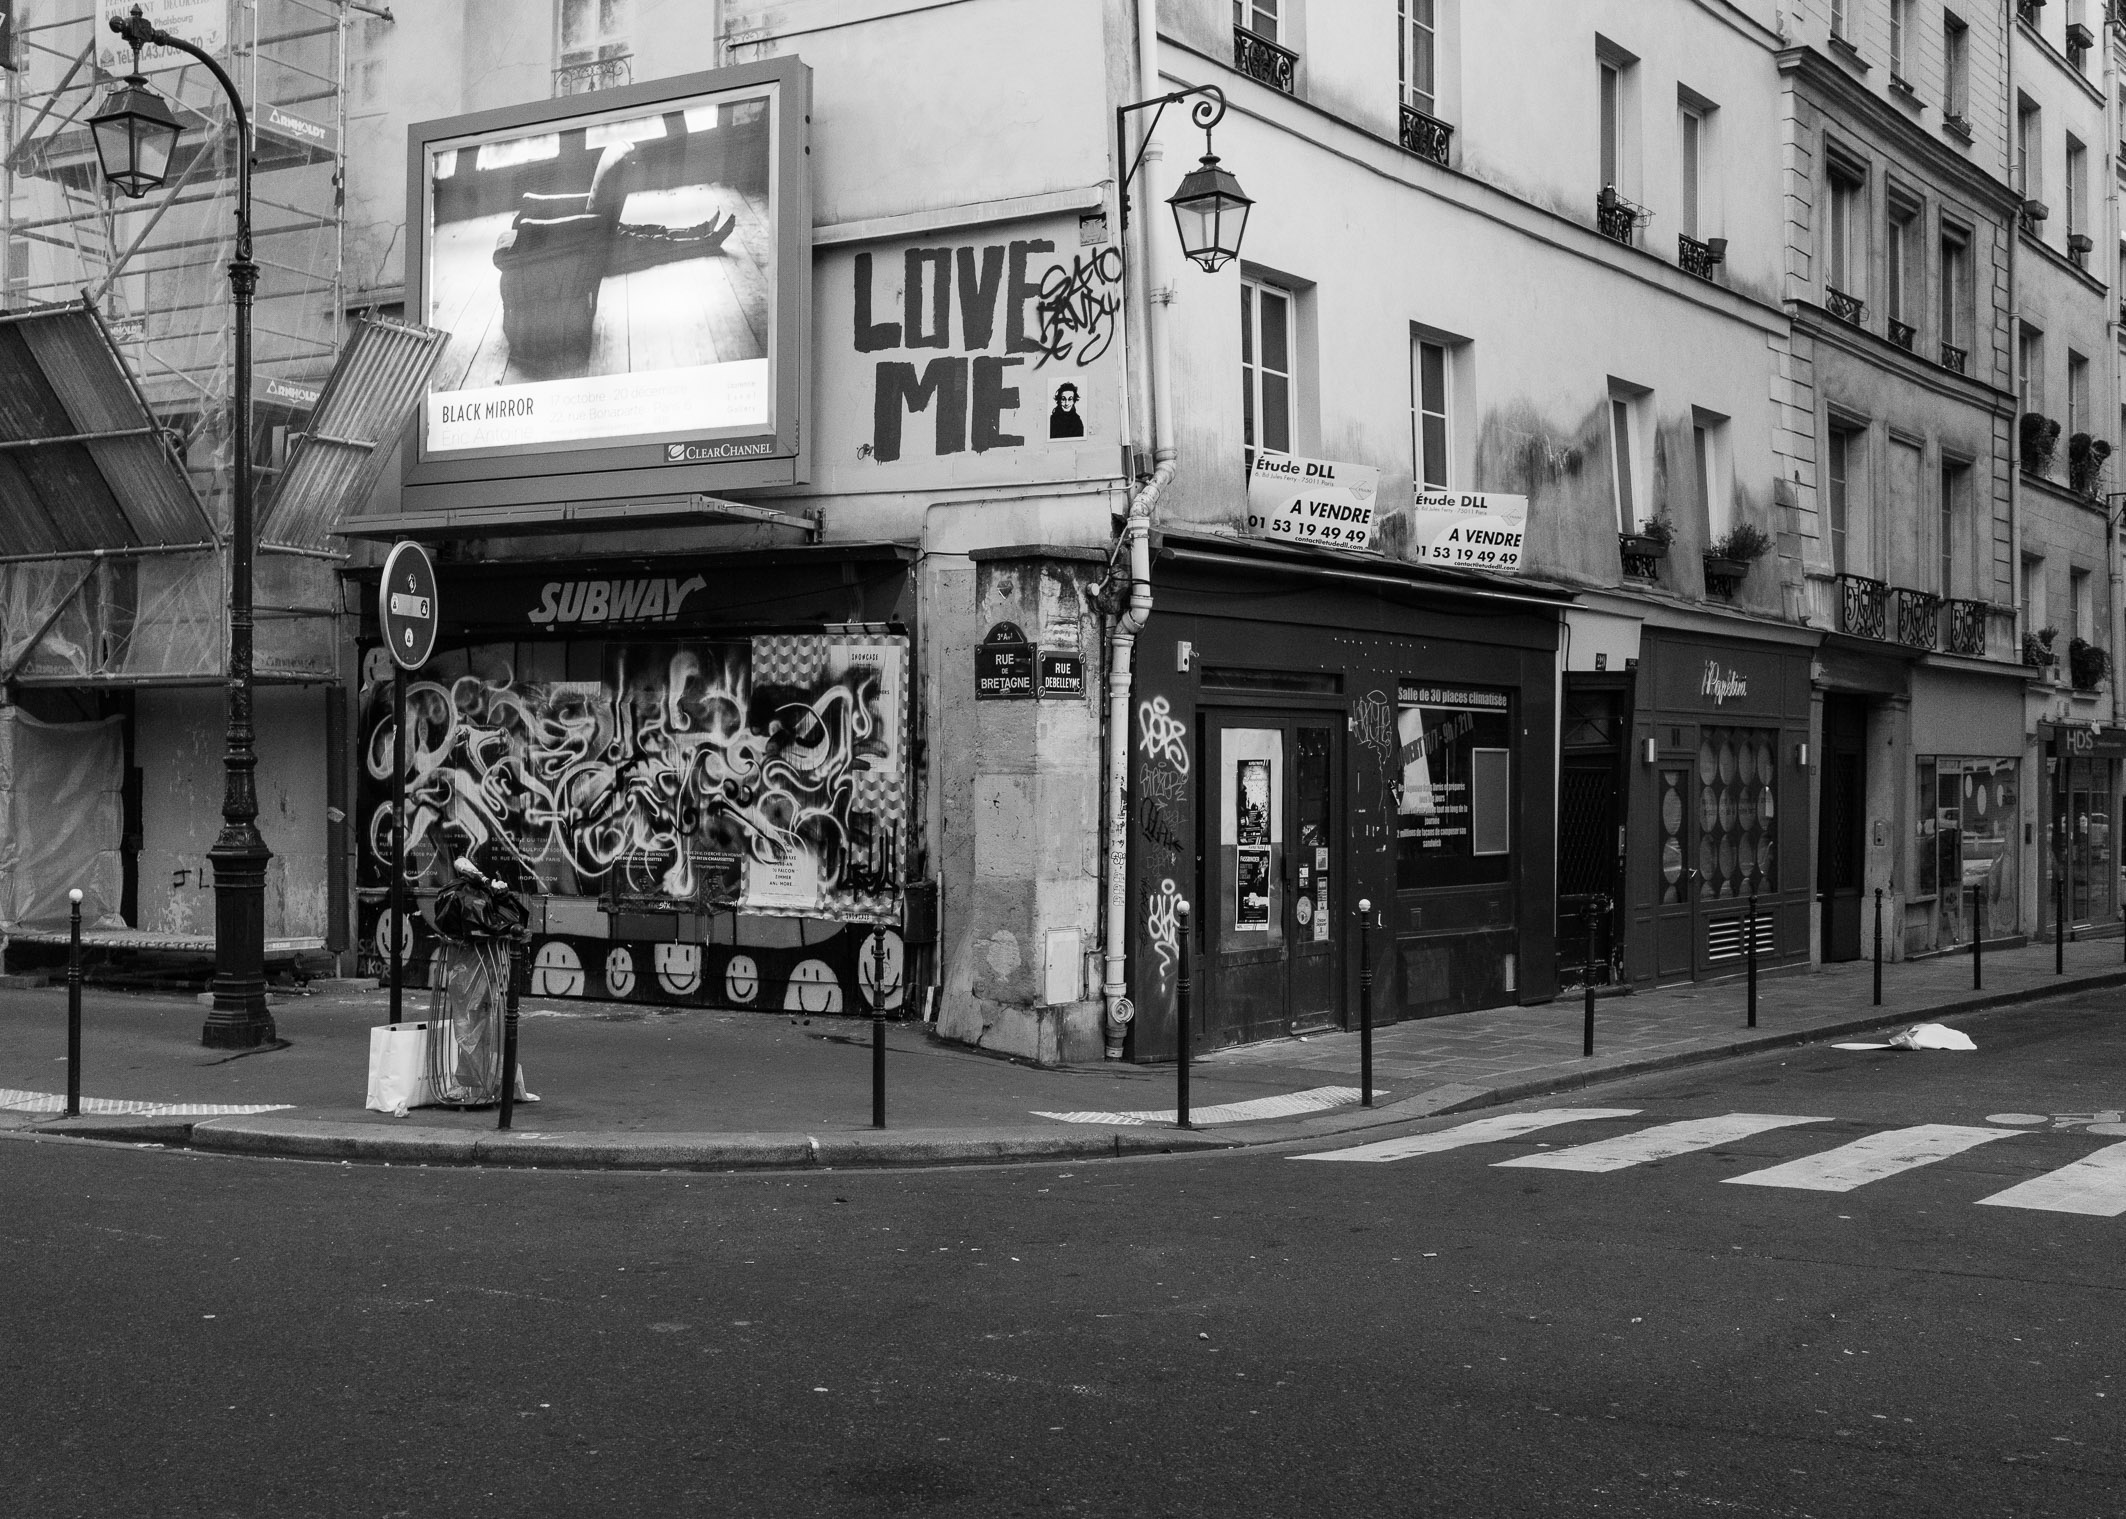 erwt paris-65.jpg